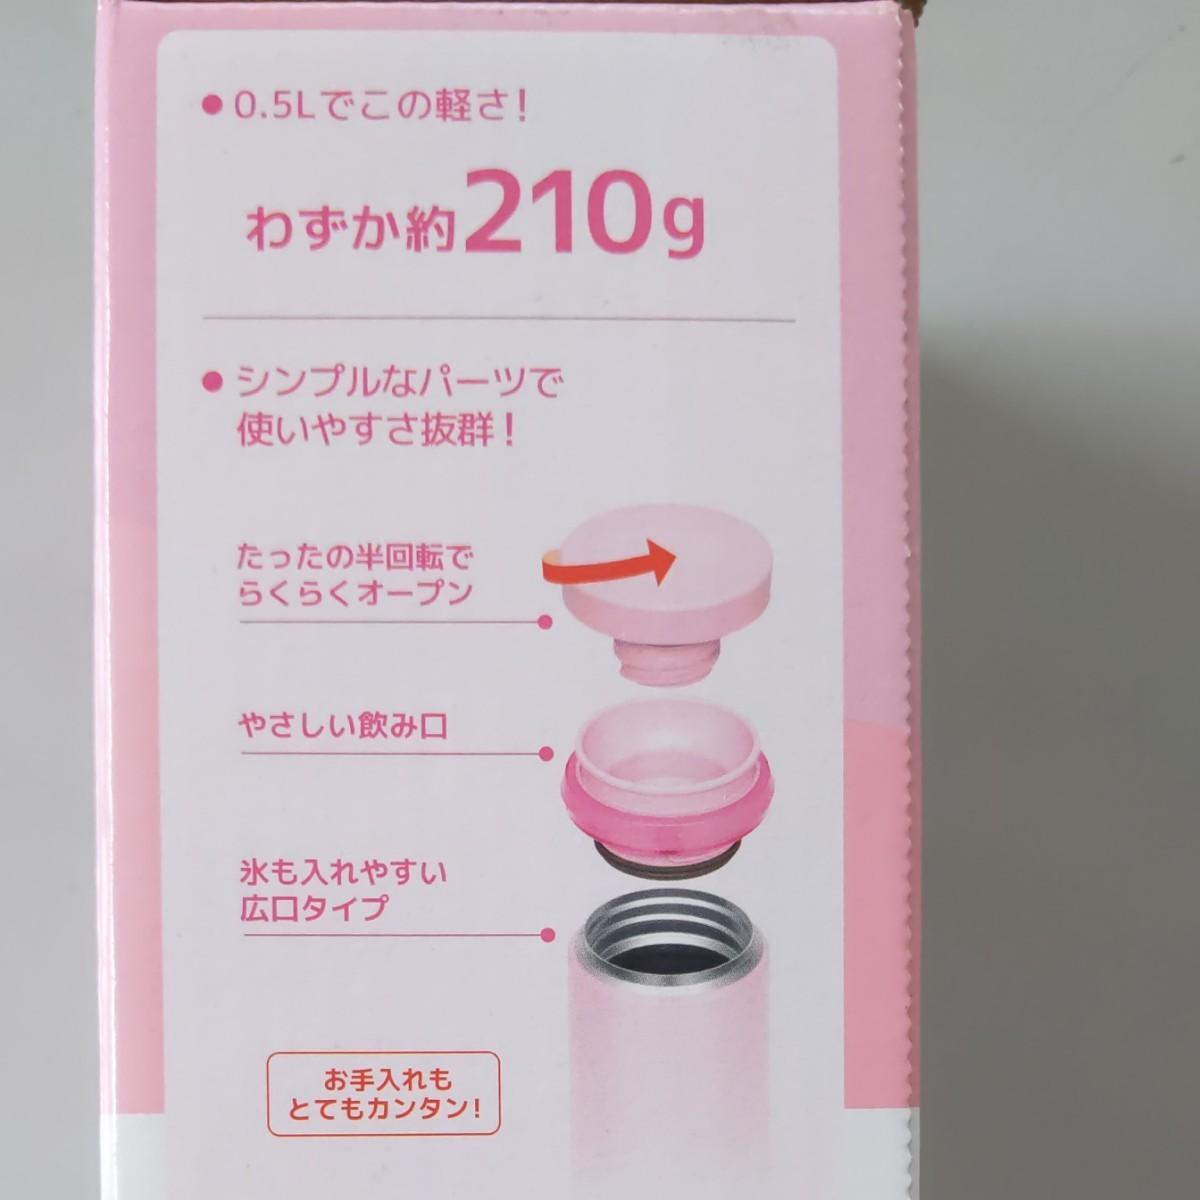 真空断熱ケータイマグ 0.5L(シャイニーピンク)JNO-502 SHP